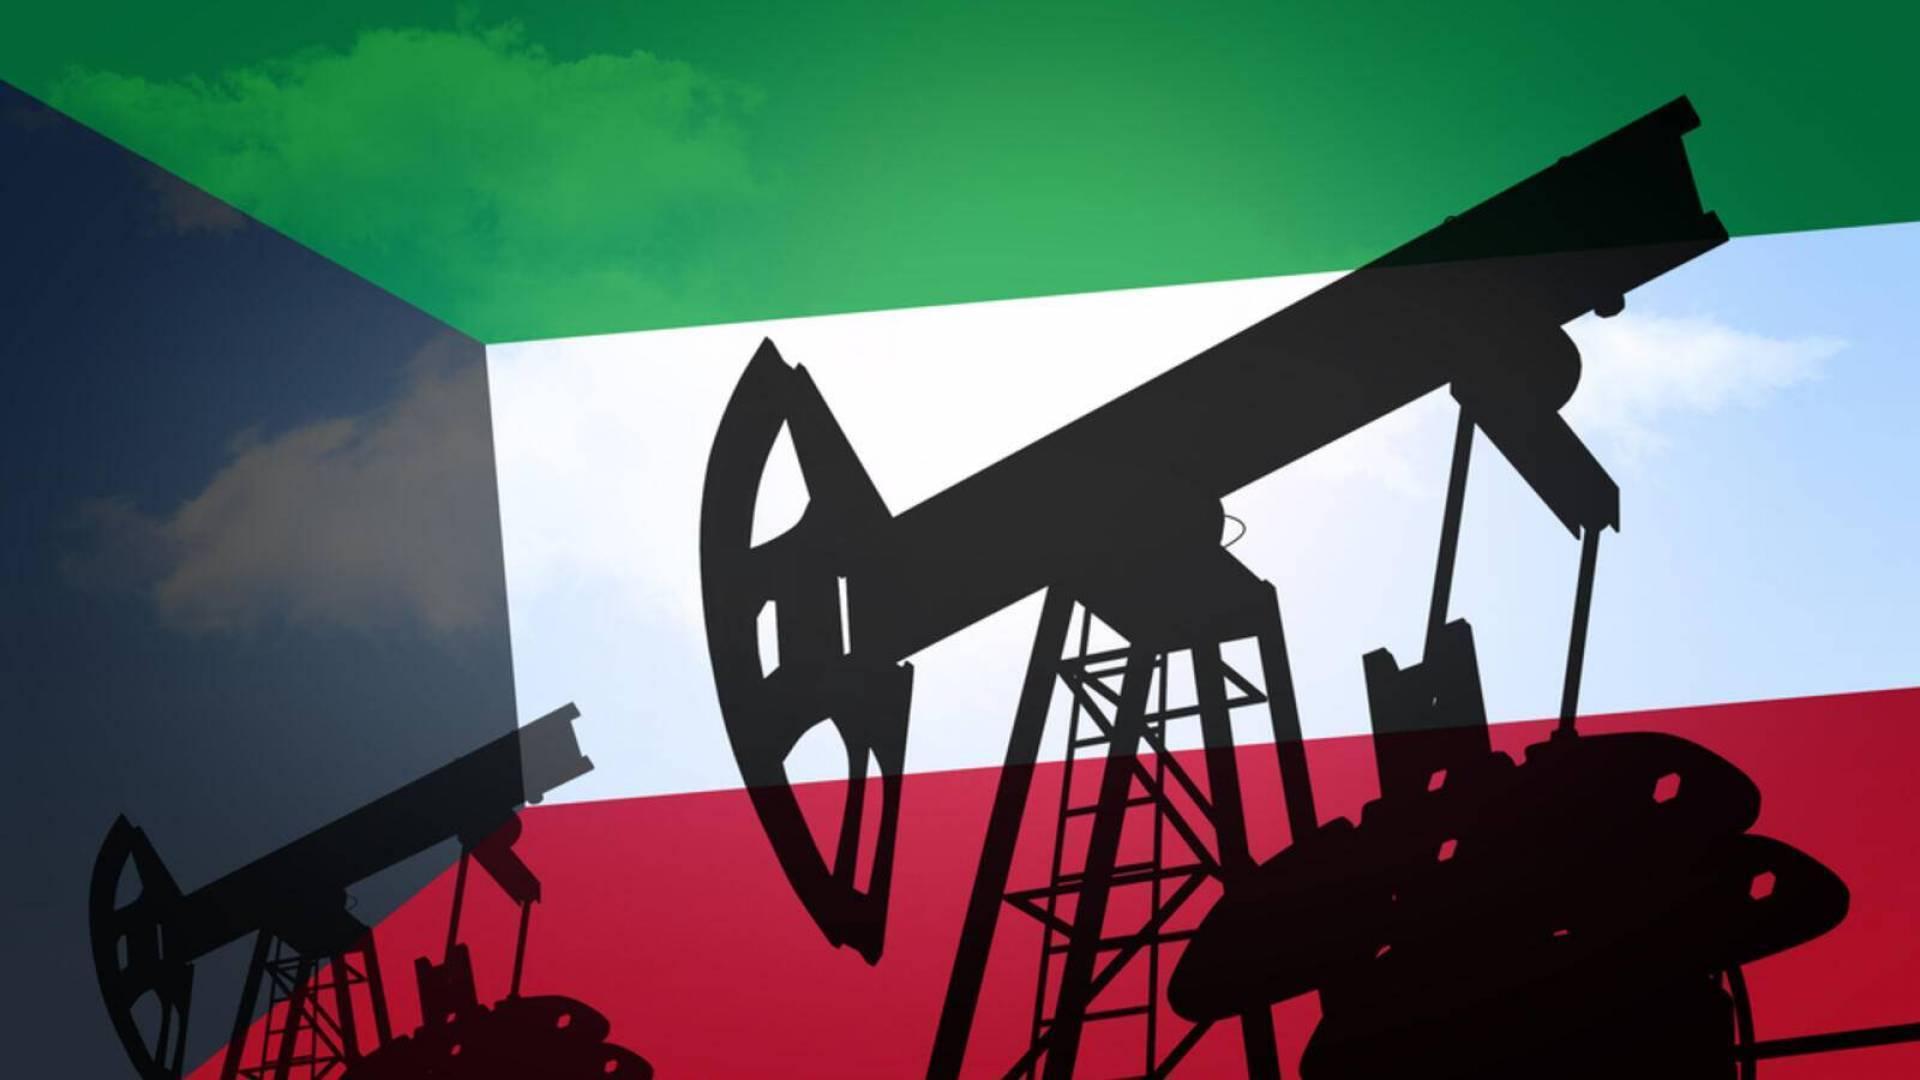 سعر برميل النفط الكويتي يرتفع 97 سنتاً ليبلغ 28.94 دولار